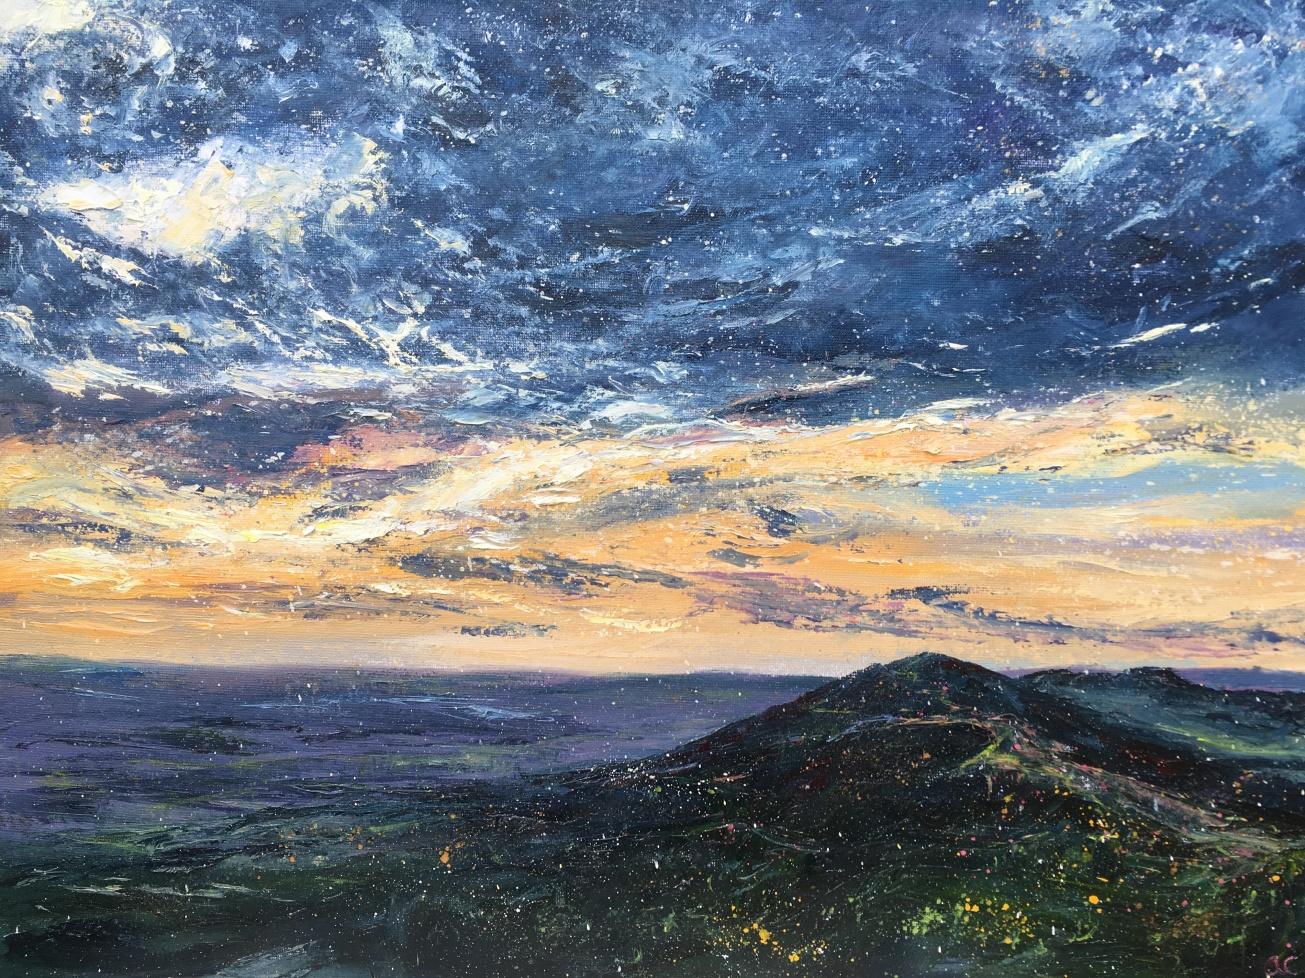 Malverns autumn sunrise